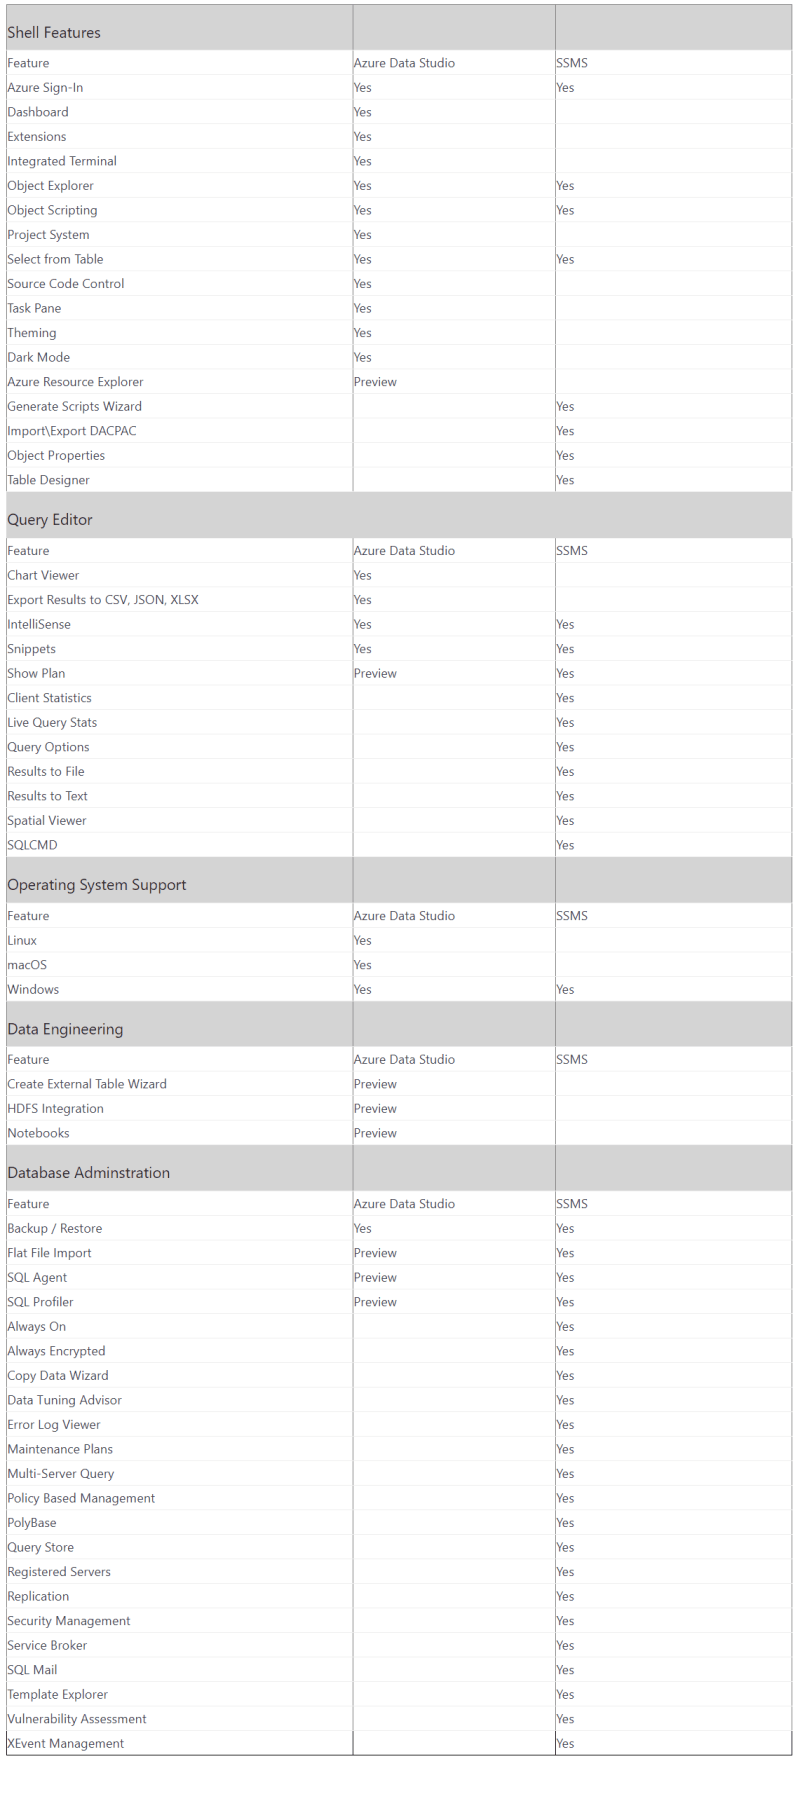 azure data studio vs sql server management studio feature comparision